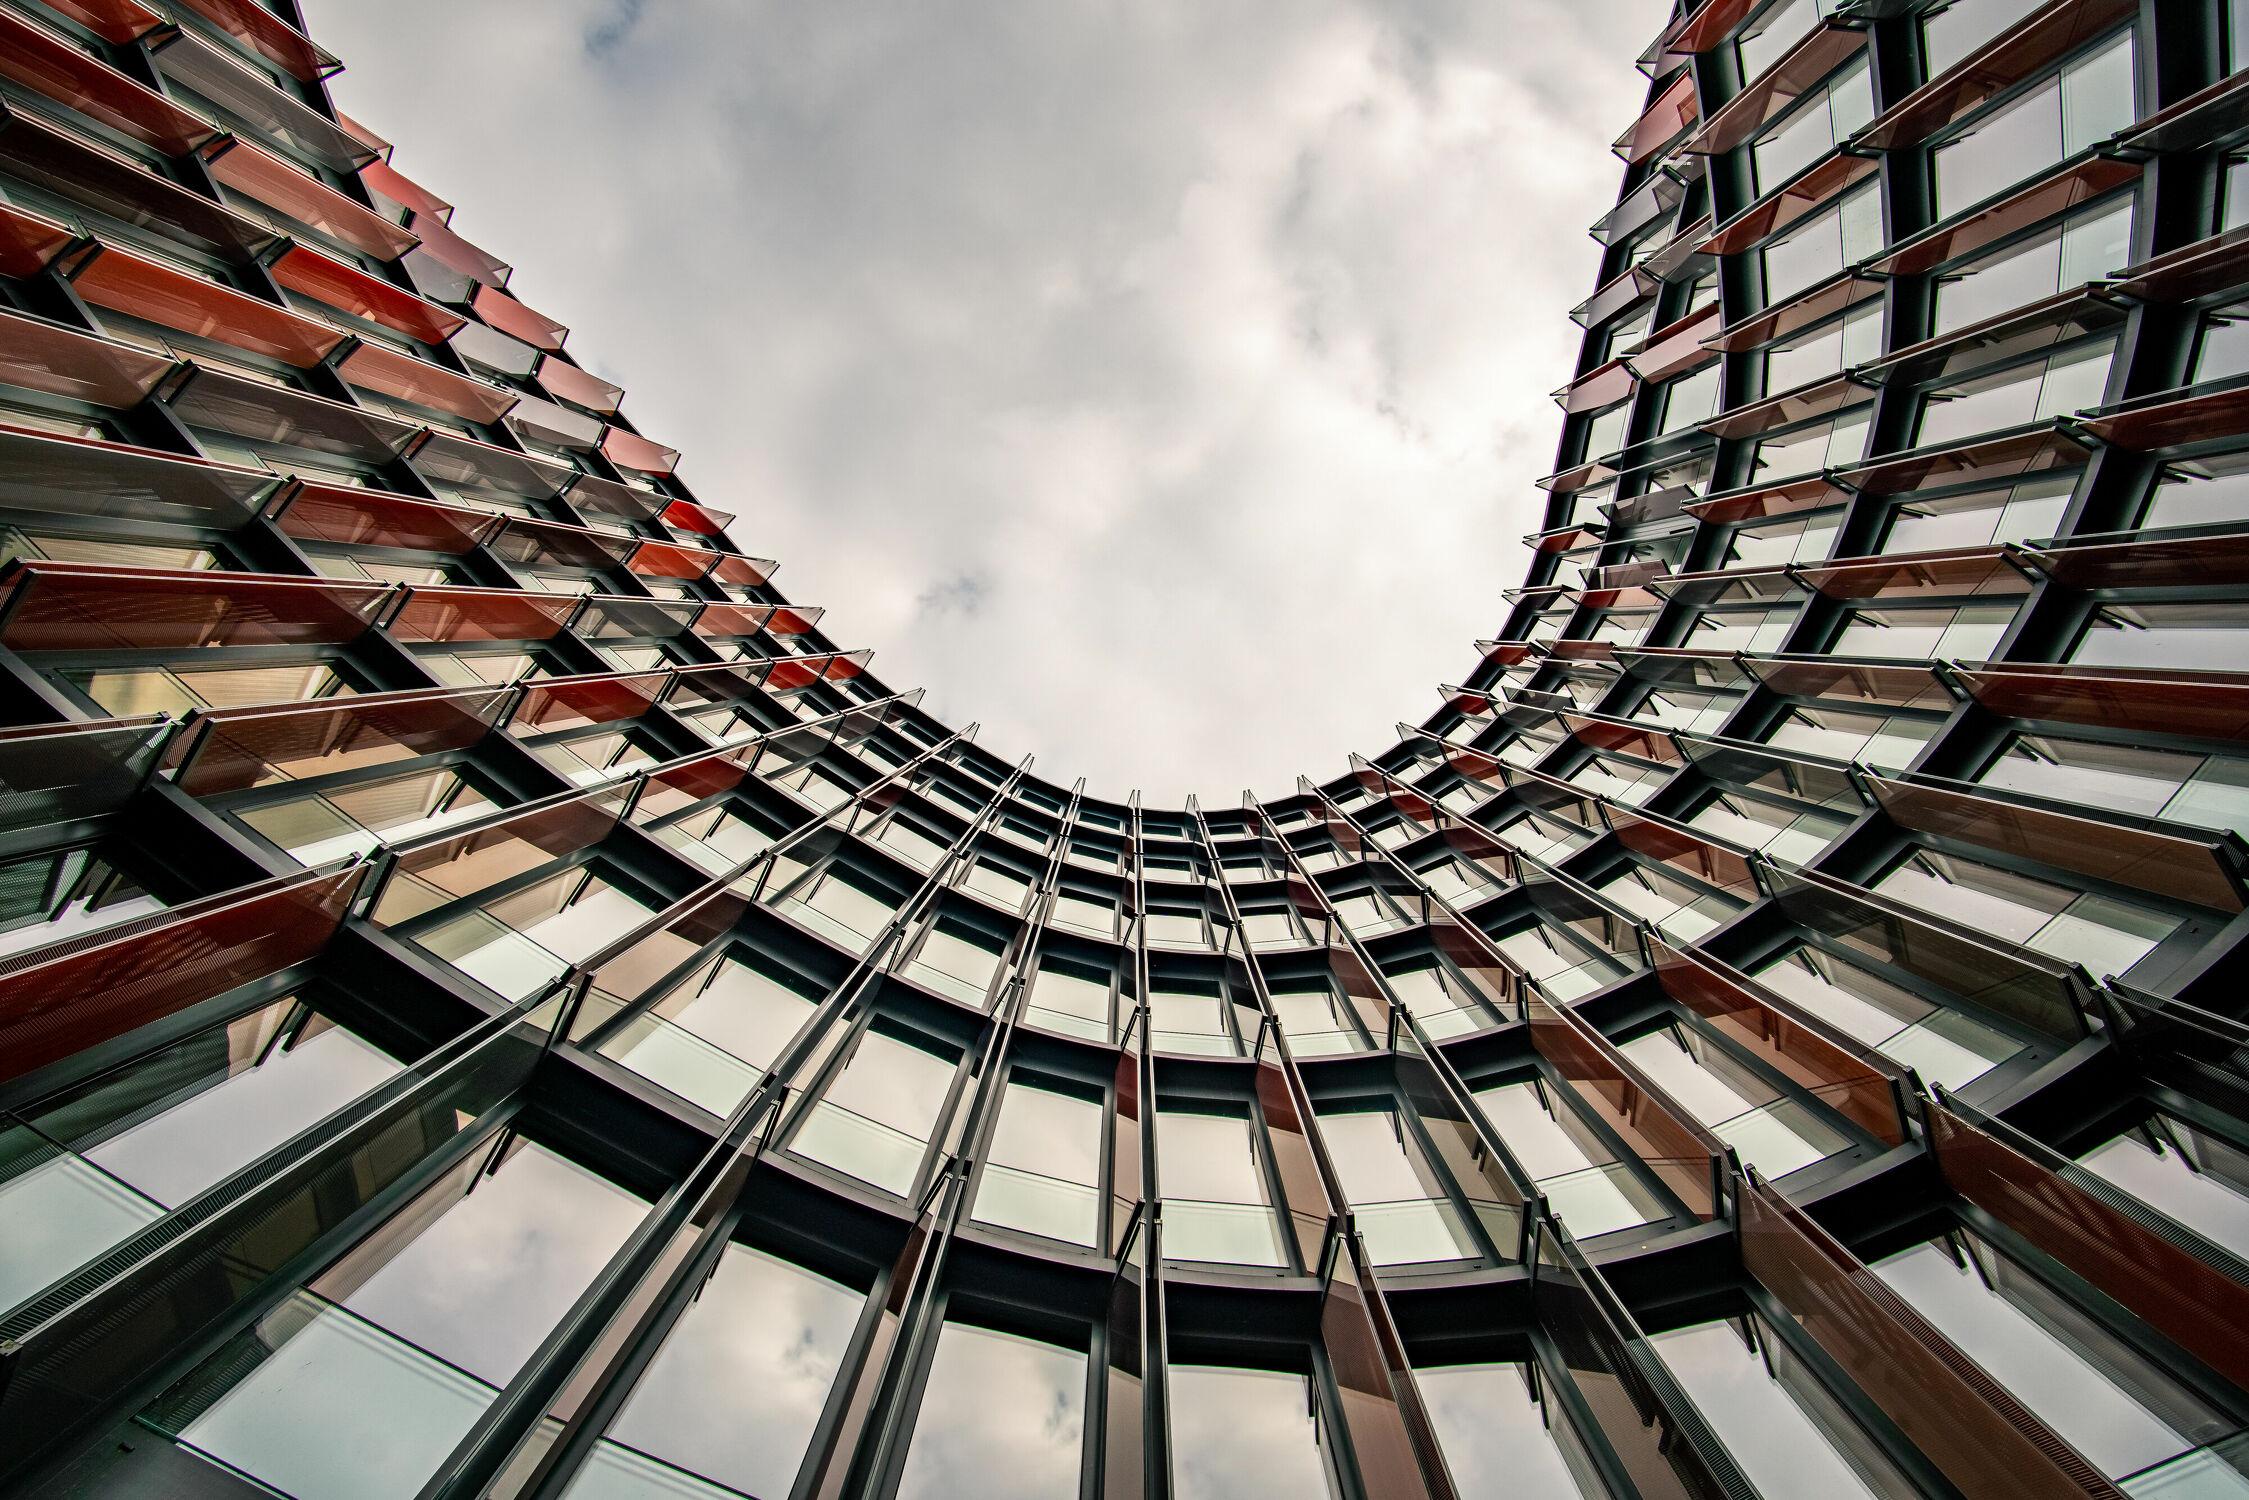 Bild mit Himmel, Architektur, Gebäude, Fenster, Stadt, Köln